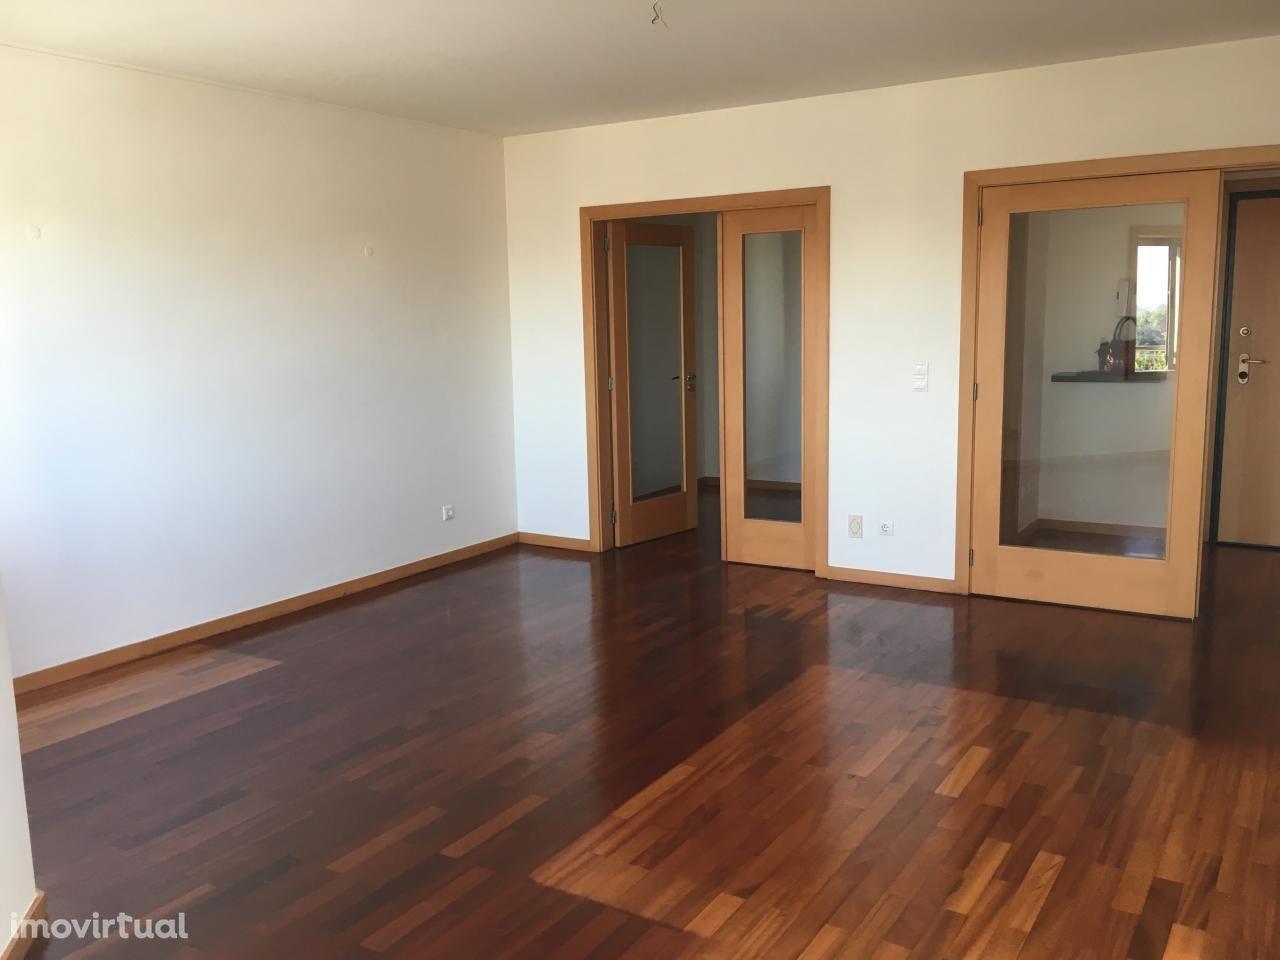 Apartamento T1+1 em Paranhos, Porto